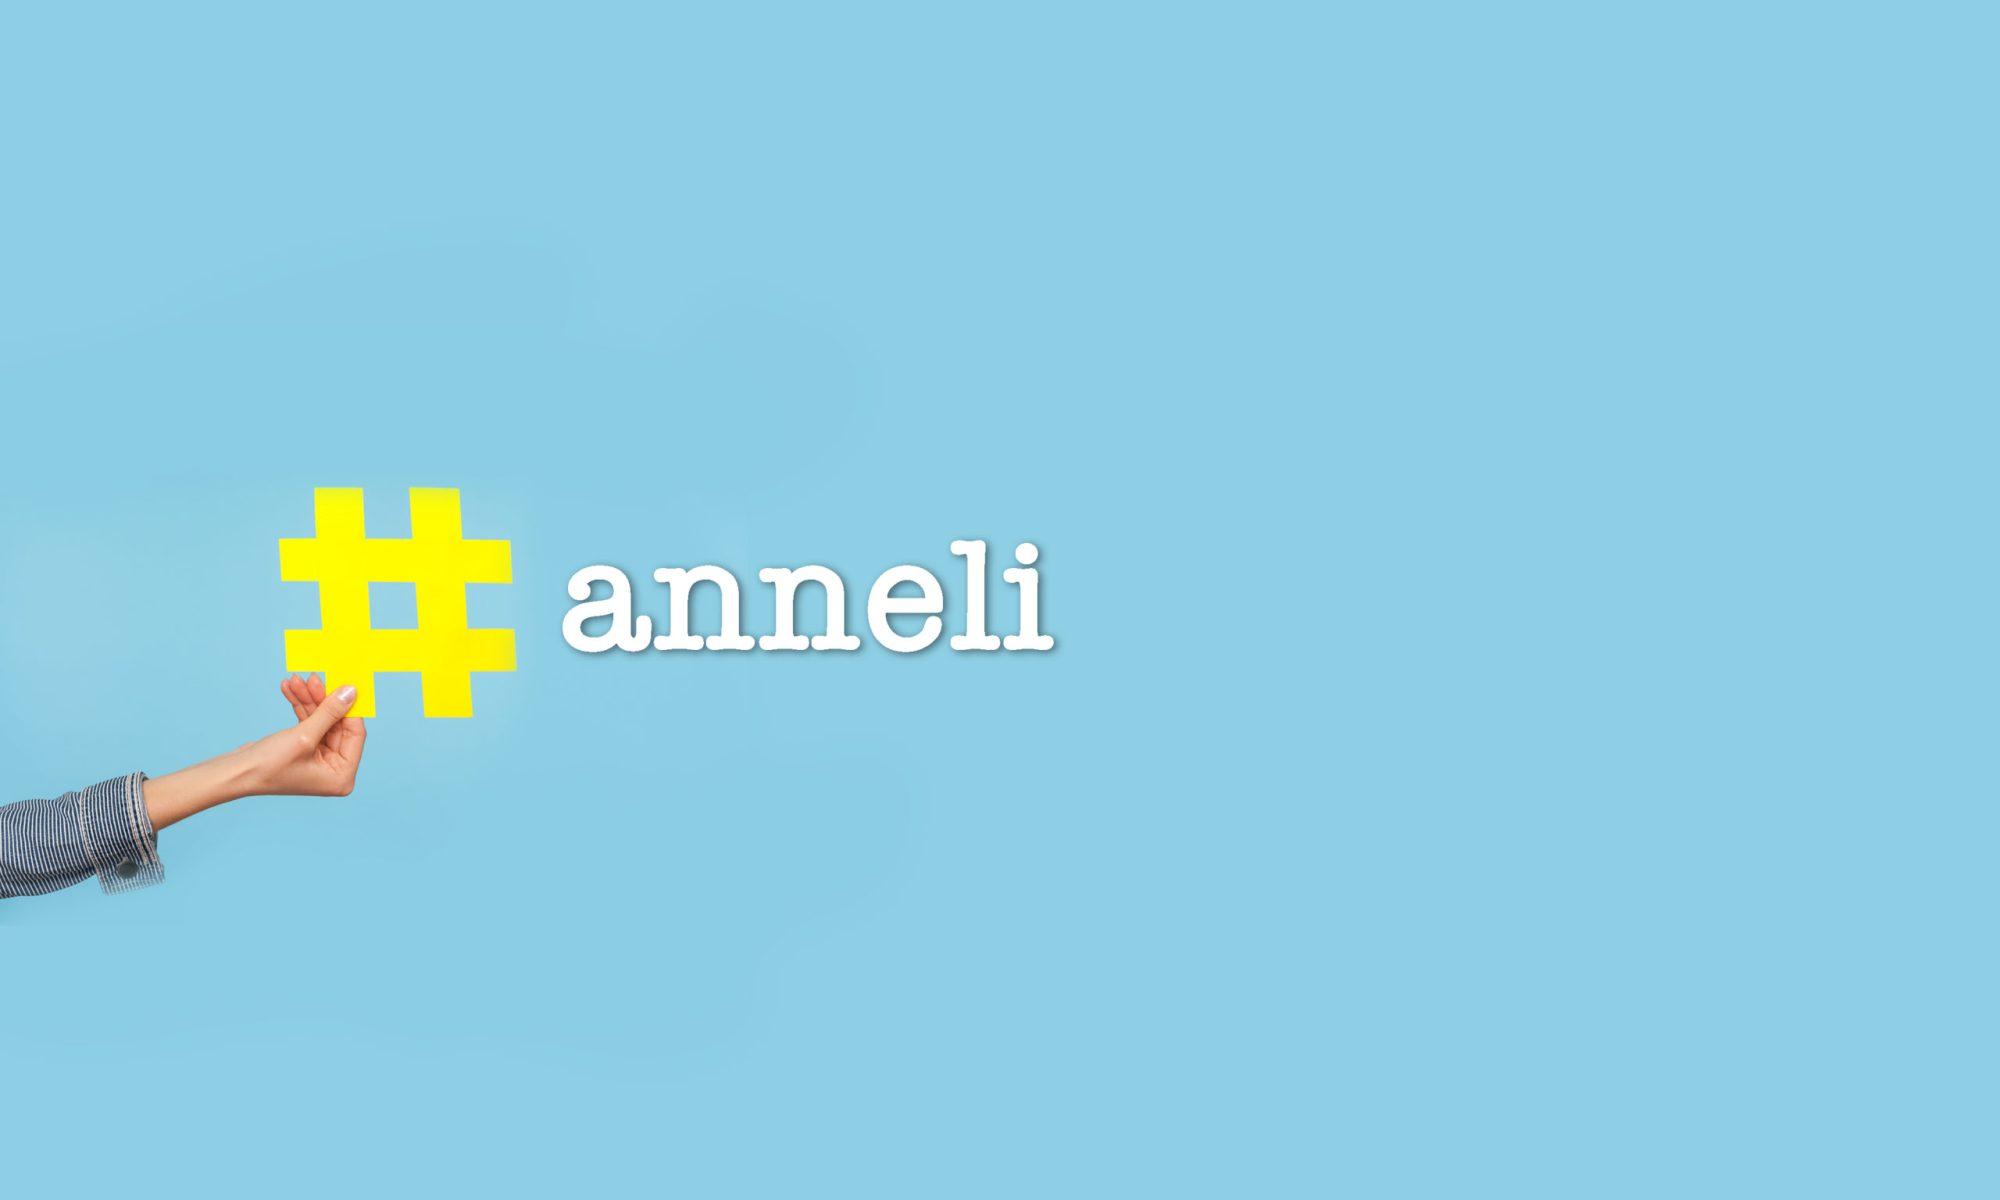 #anneli